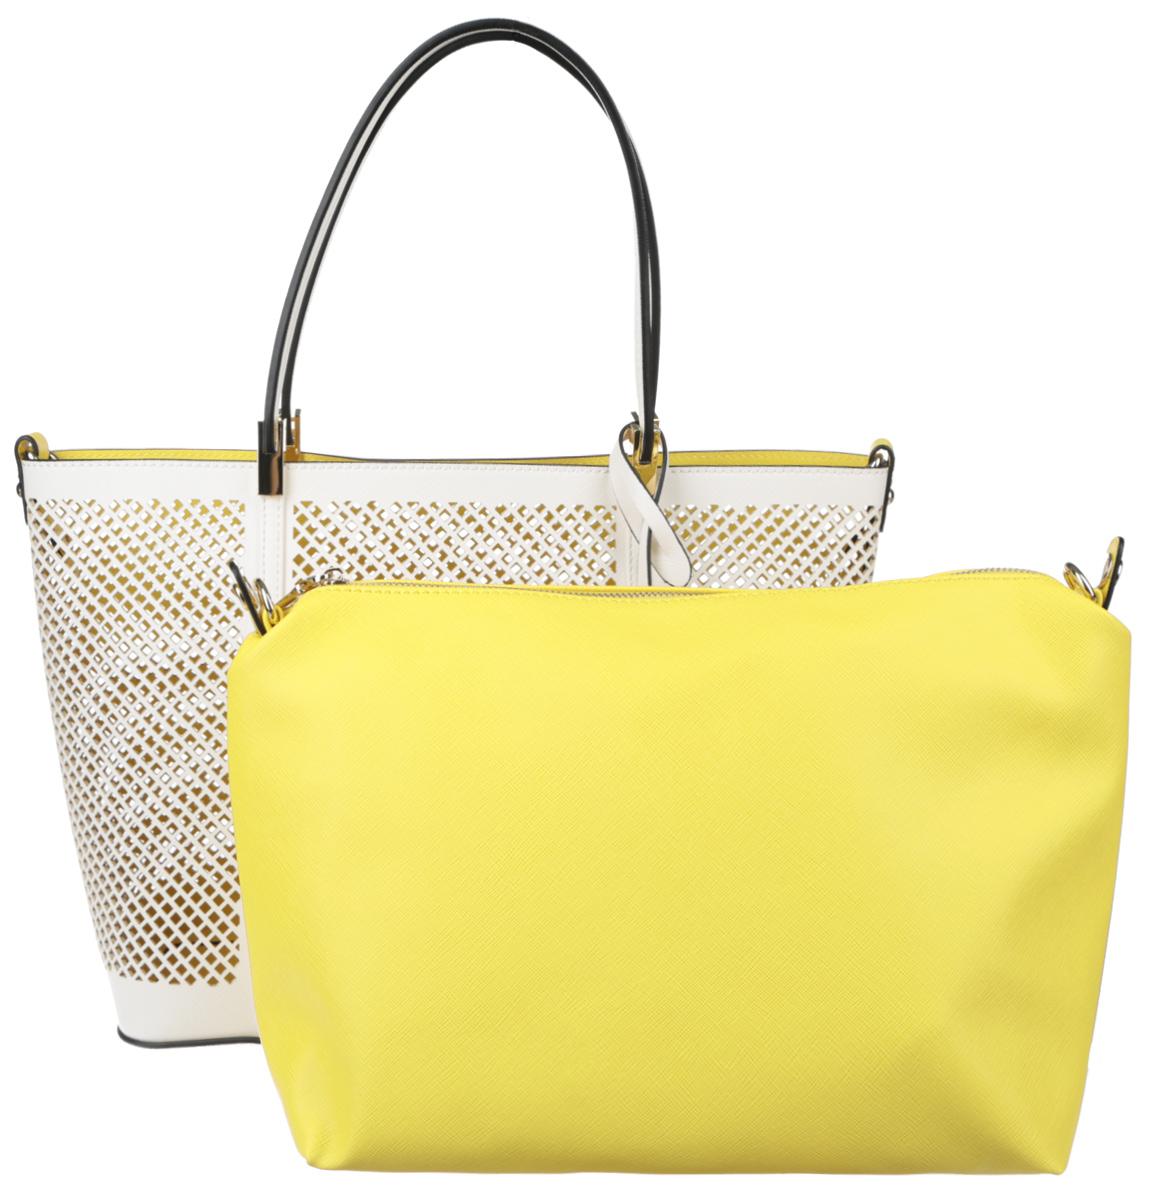 Сумка женская Vitacci, цвет: белый. GLM0239D-5S76245Изысканная женская сумка Vitacci выполнена из качественной искусственной кожи с перфорацией. Удобные ручки крепятся к корпусу сумки на металлическую фурнитуру золотистого цвета. Внутри сумка оснащена съемным отделением с текстильной подкладкой, выполненным из искусственной кожи желтого цвета, внутри которого содержится два накладных кармана для телефона и мелких принадлежностей, а также врезной карман на молнии. Съемное отделение крепиться к основной сумке с помощью ремешков на кнопке, имеет металлические крепежи для плечевого ремешка, поэтому его можно использовать как отдельный аксессуар. Сумка оснащена съемным плечевым ремнем регулируемой длины, которые позволят носить изделие как в руках так и на плече. Ручки сумки декорированы оригинальным брелоком на ремешке. Практичная и стильная сумка прекрасно завершит ваш образ.